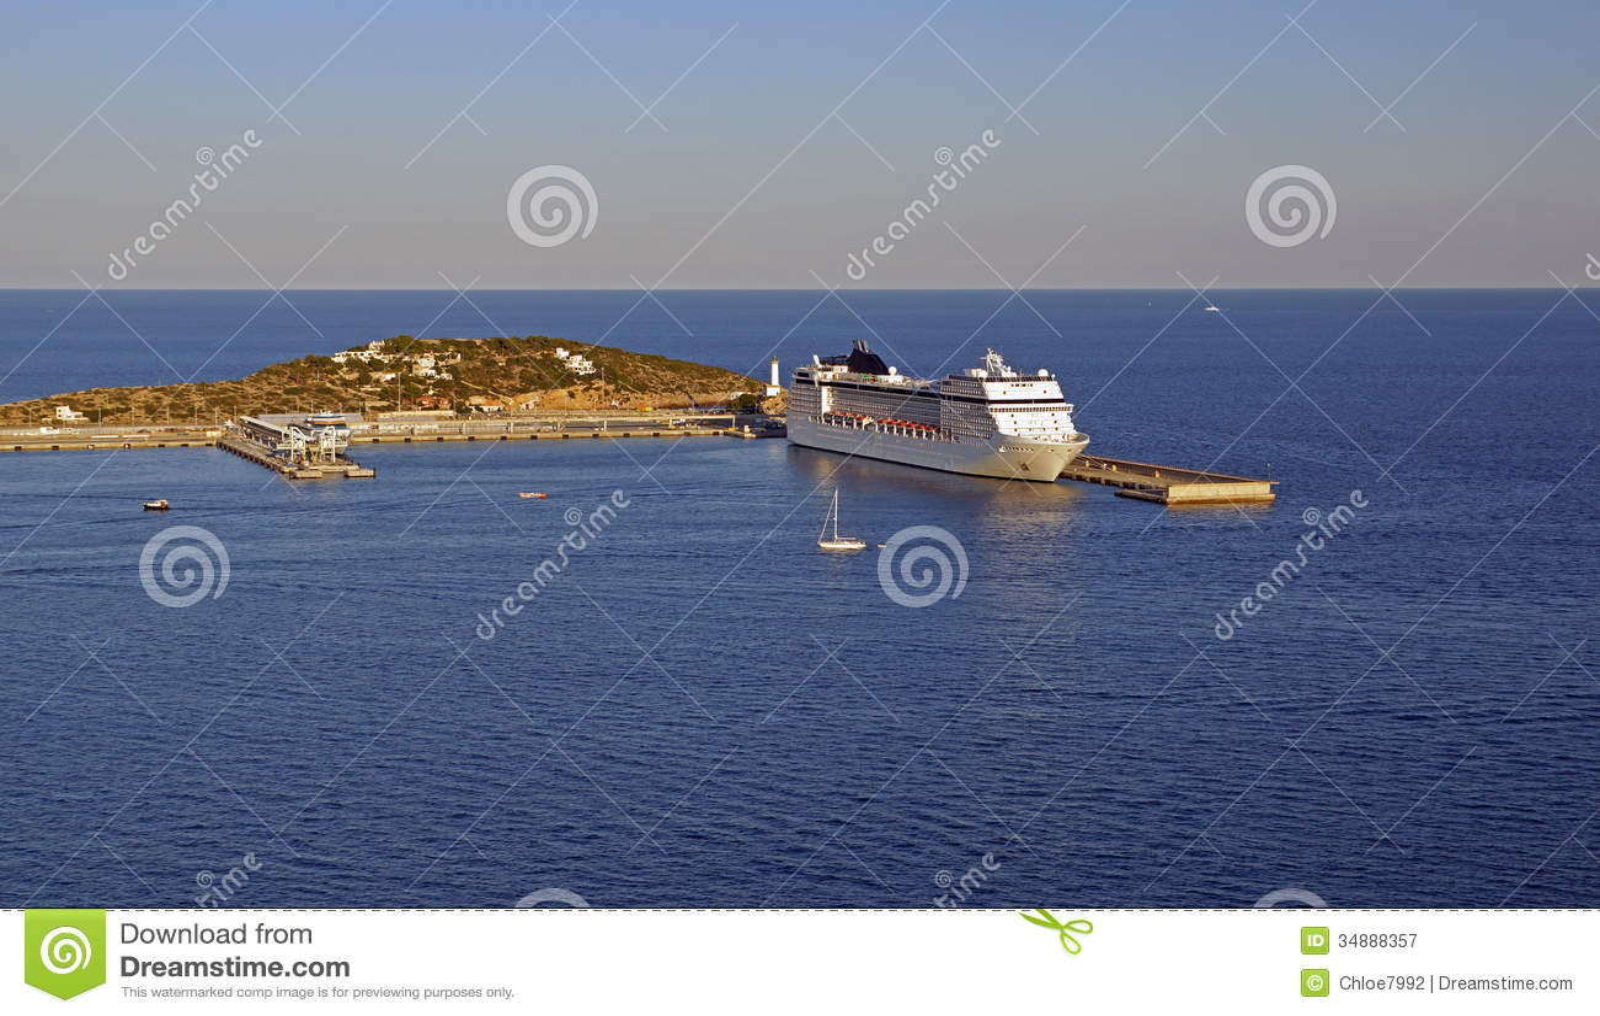 Cruise ship stock image. Image of style, port, tourism - 34888357